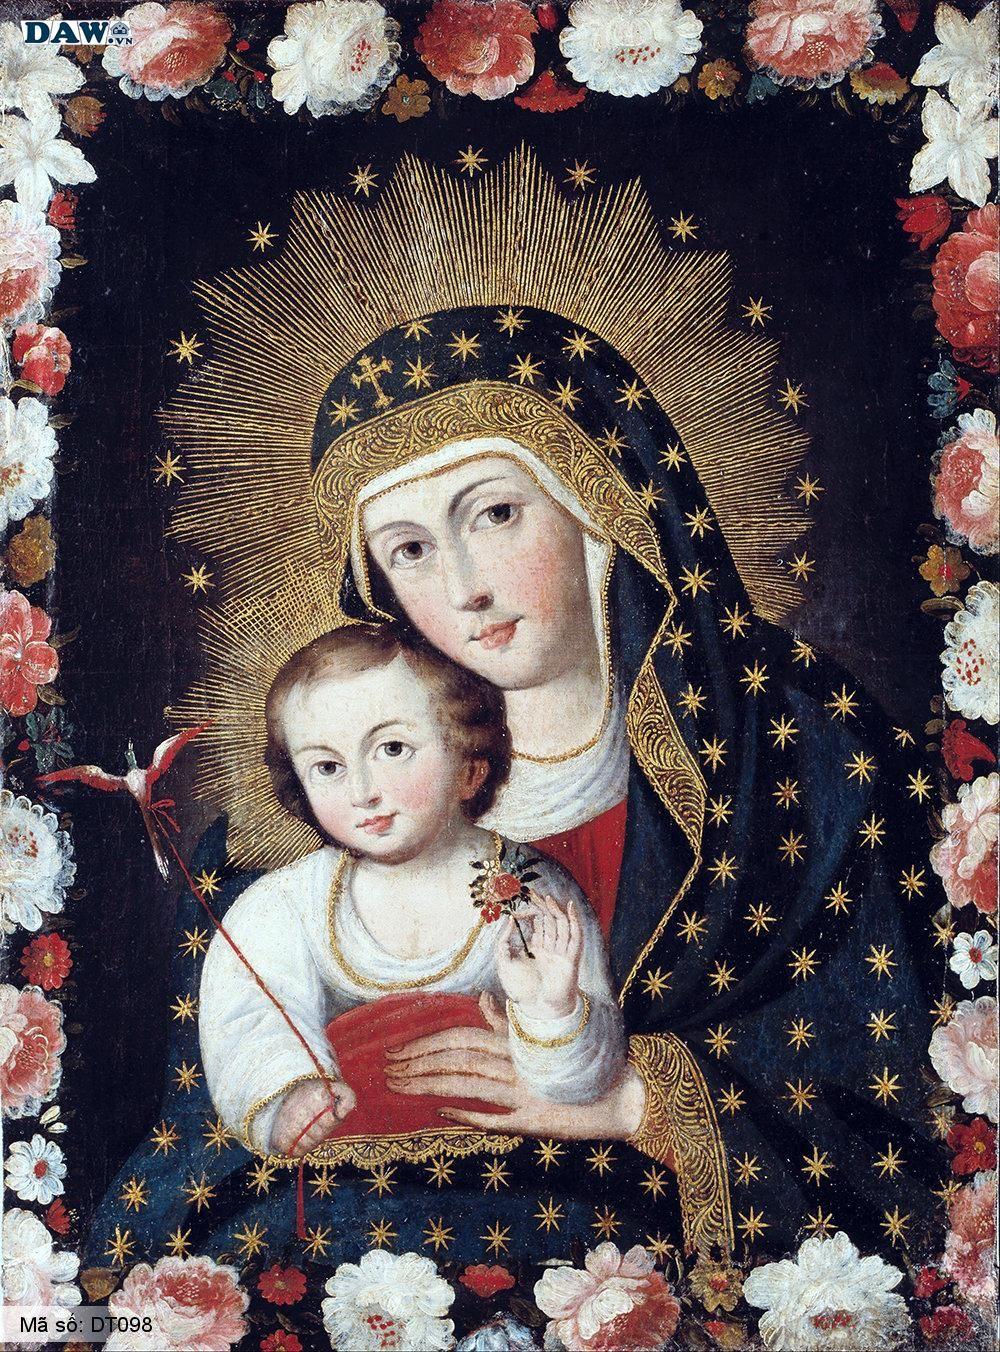 Tranh dán tường Hàn Quốc, hình ảnh về thiên chúa giáo, đức mẹ Maria, giáo xứ, chúa Giê su DT098